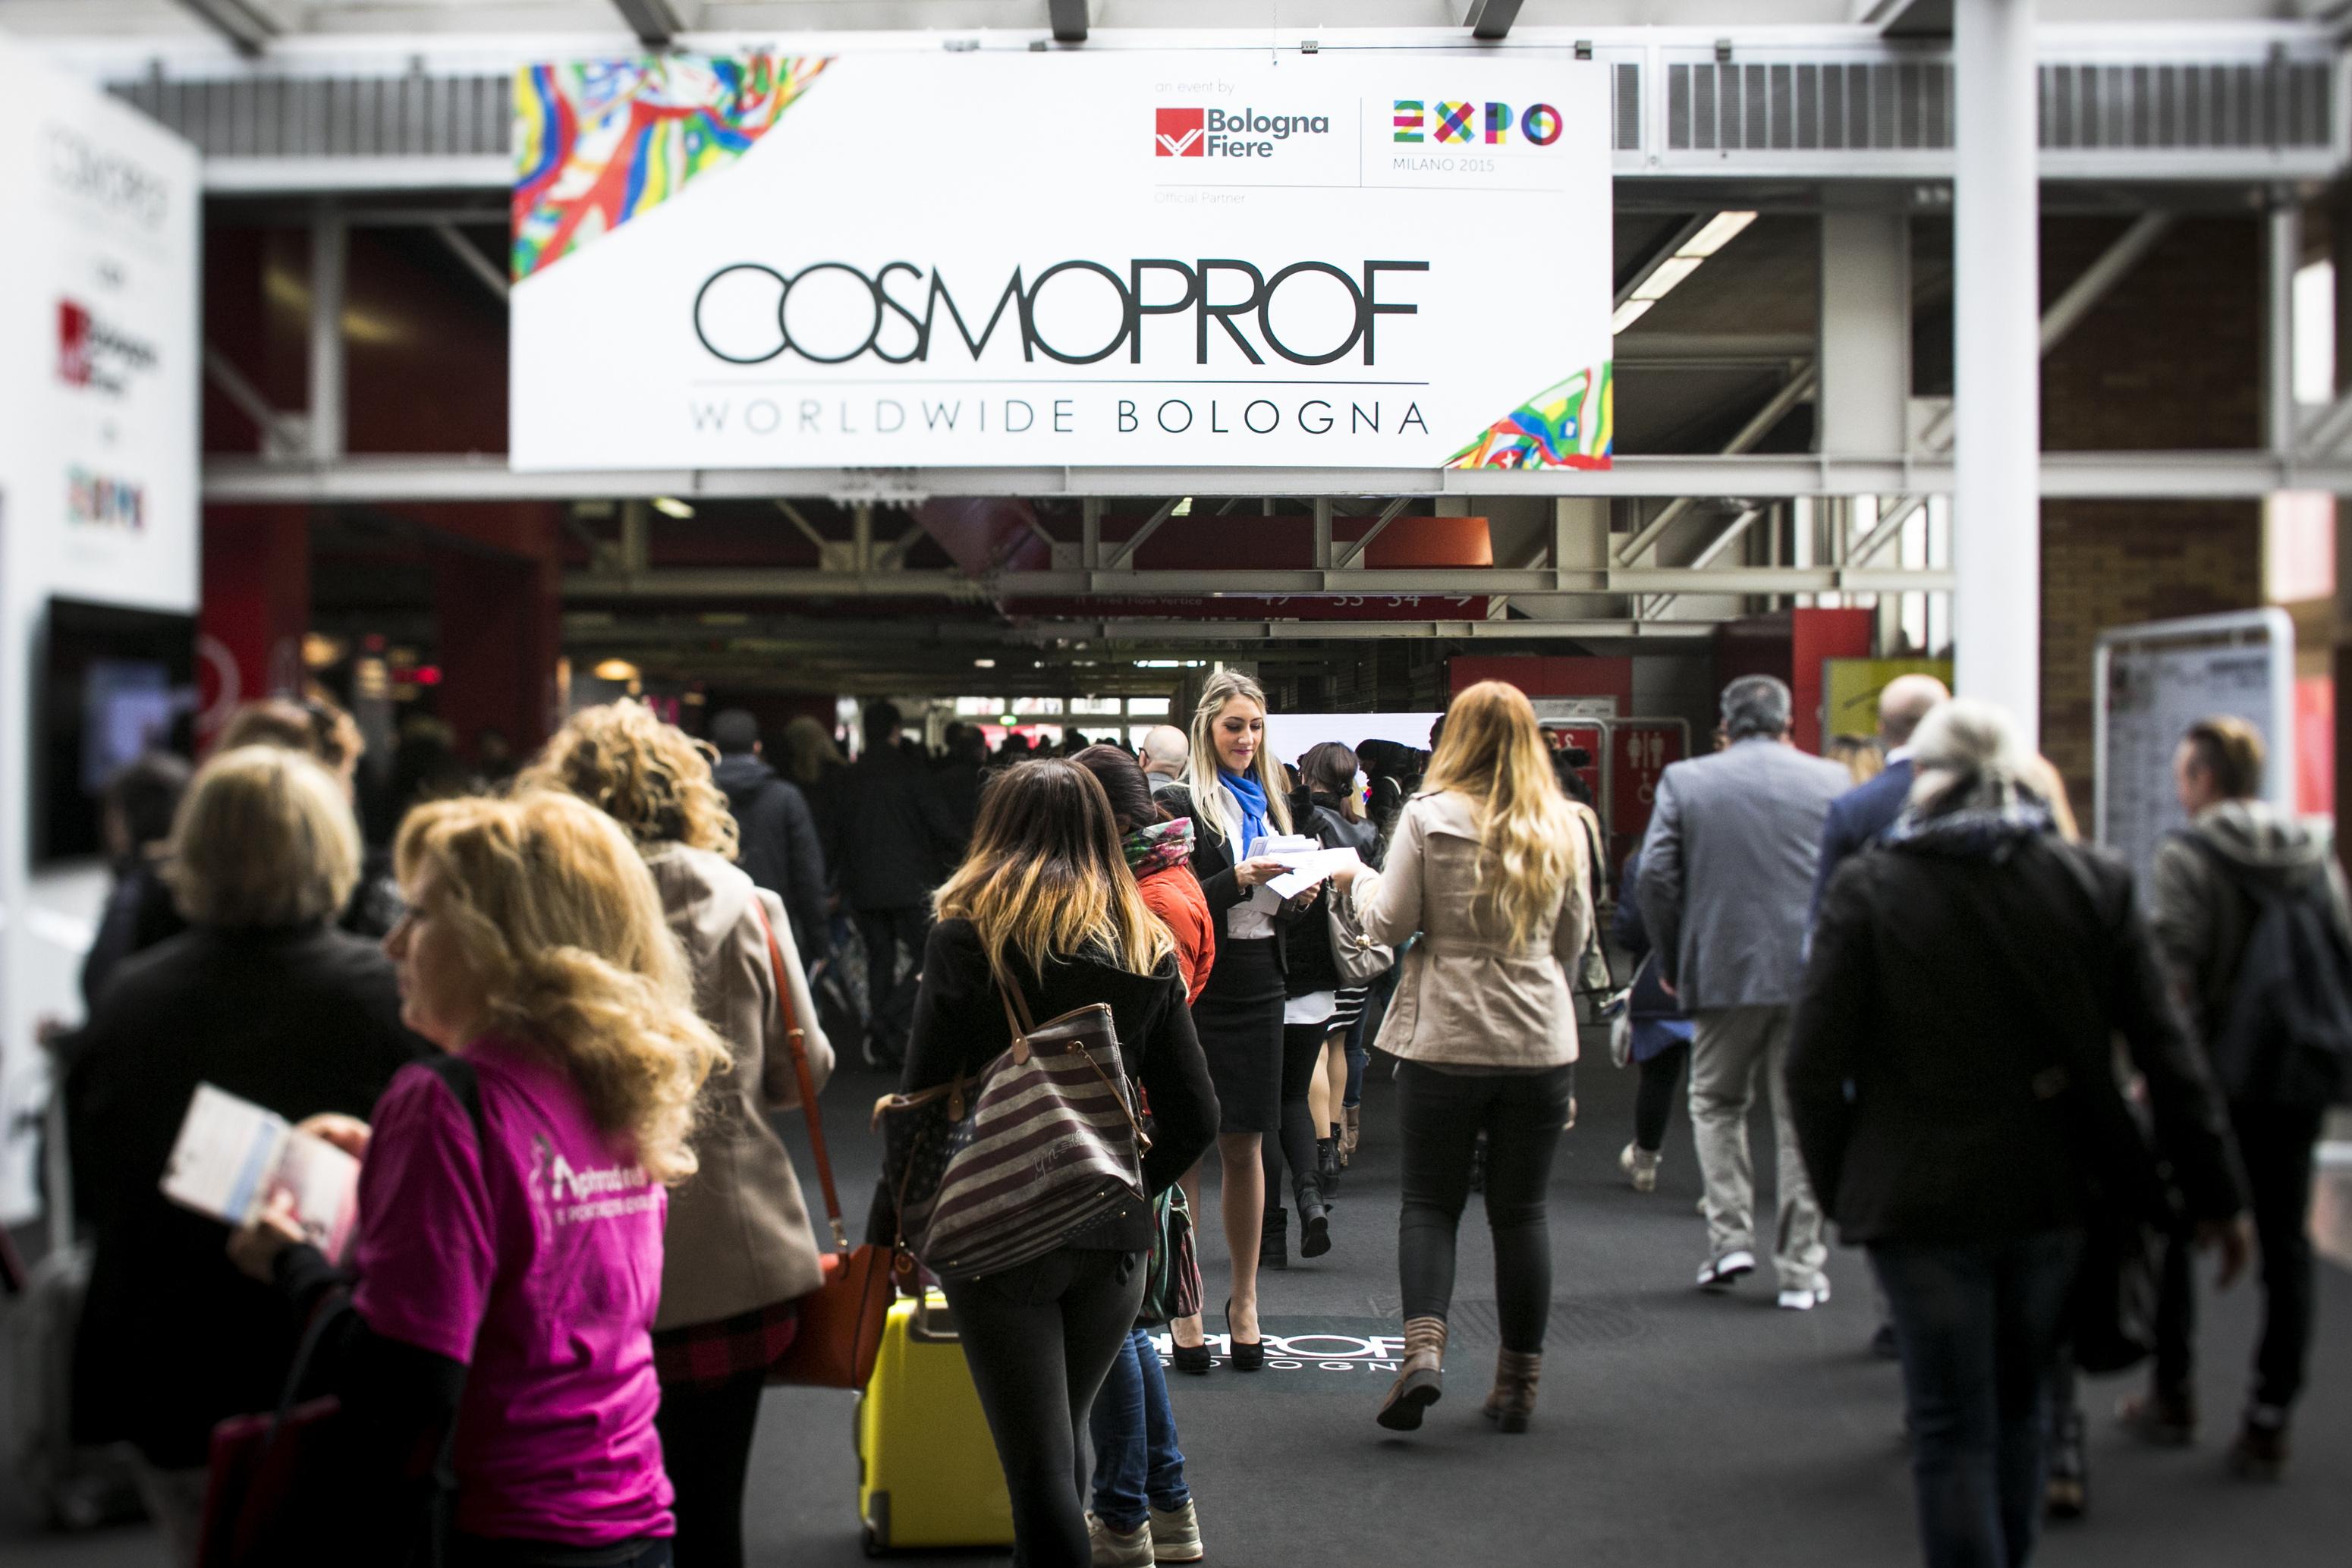 Cosmoprof Worldwide Bologne du 20.03.15 au 23.03.15